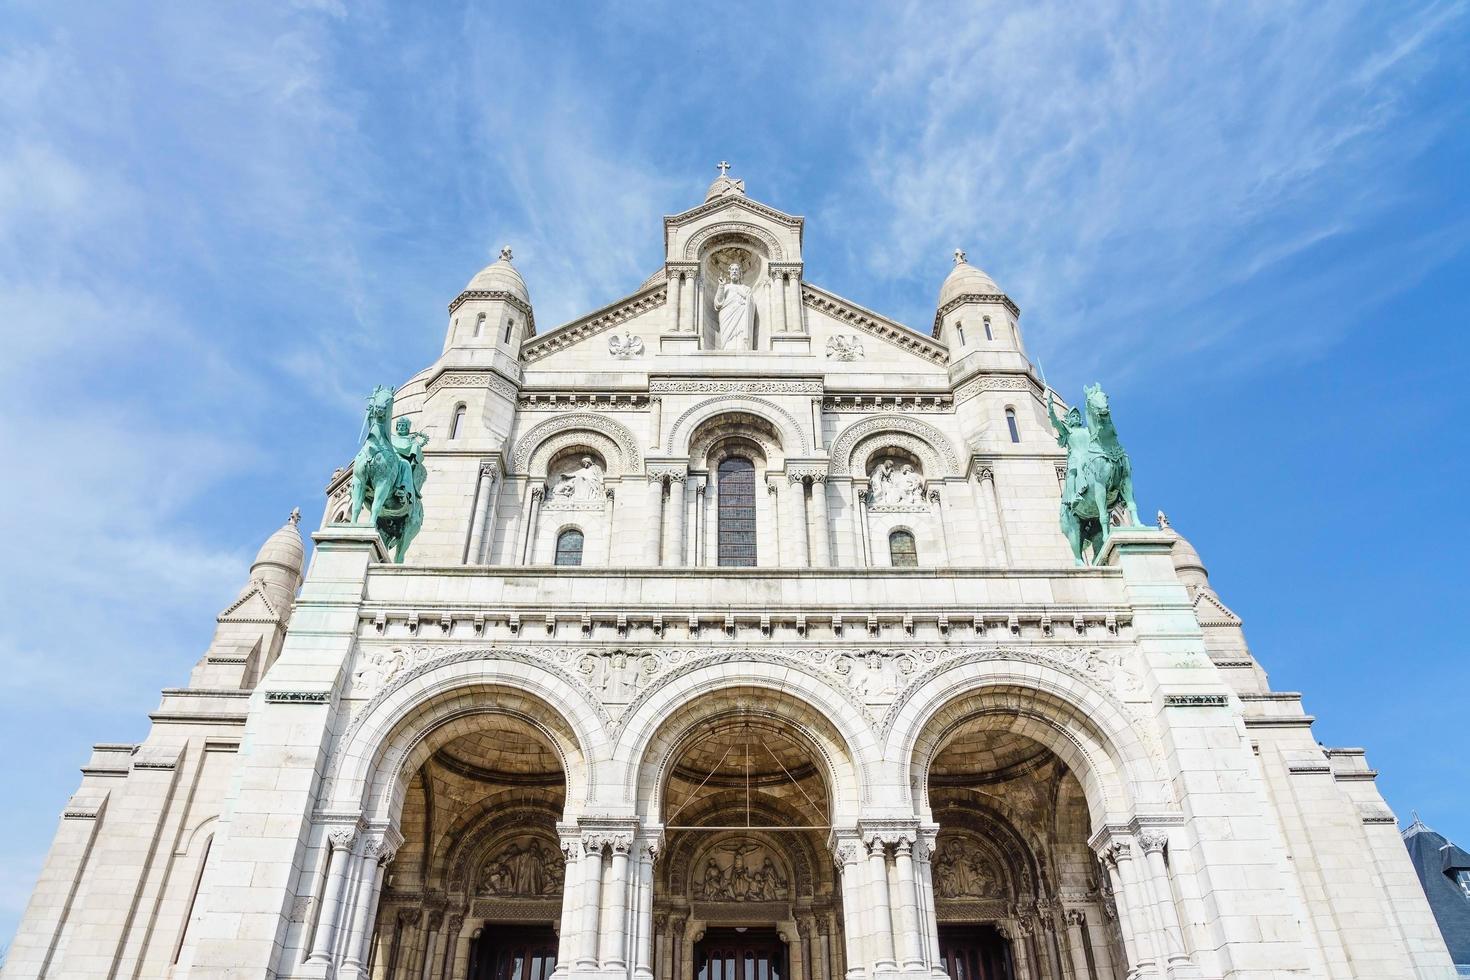 basilica del sacro cuore di parigi a parigi, francia foto